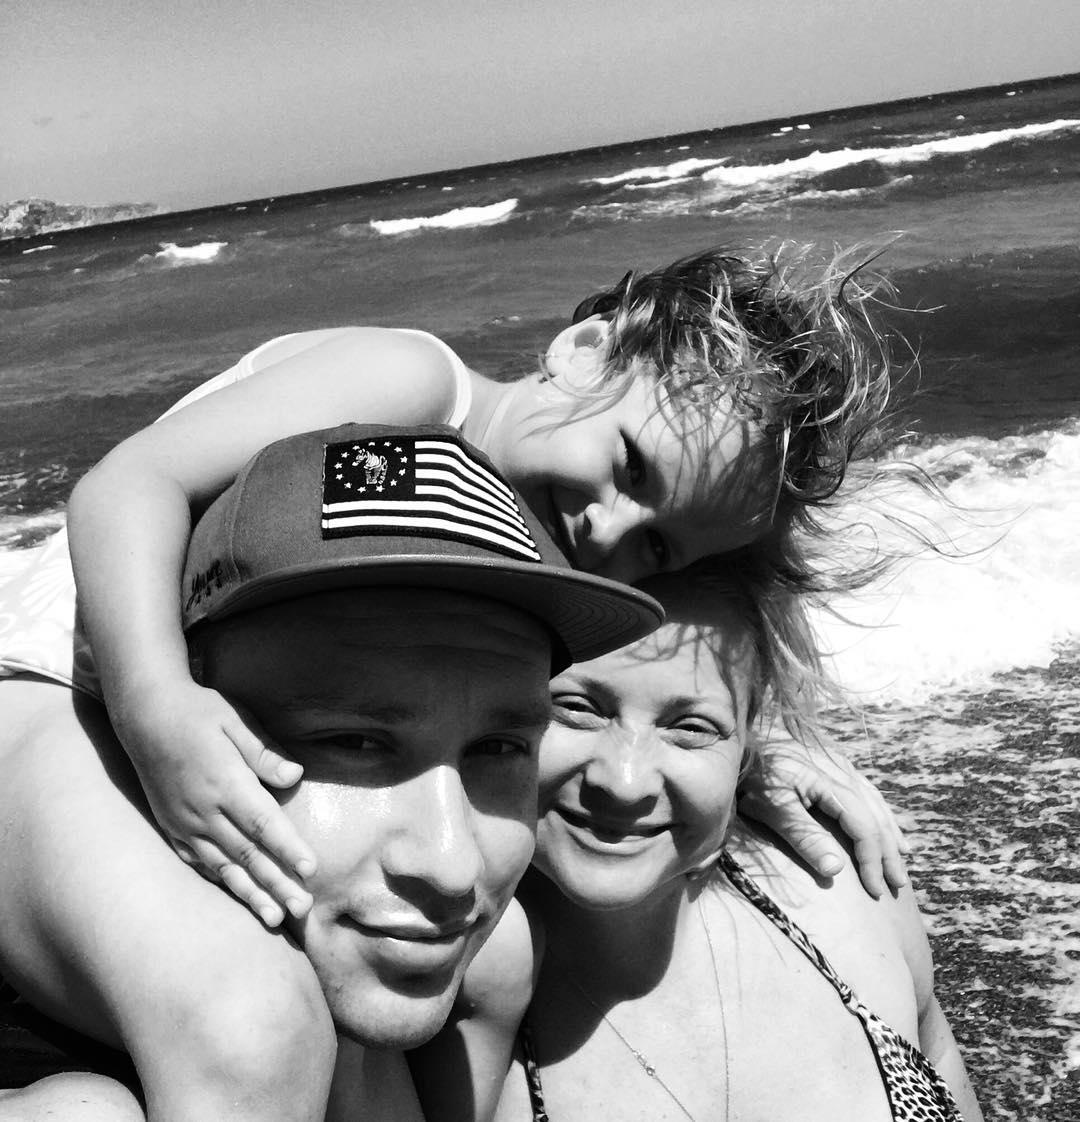 Светлана Пермякова хочет обвенчаться с 26-летним отцом своей дочери, несмотря на запрет свекрови